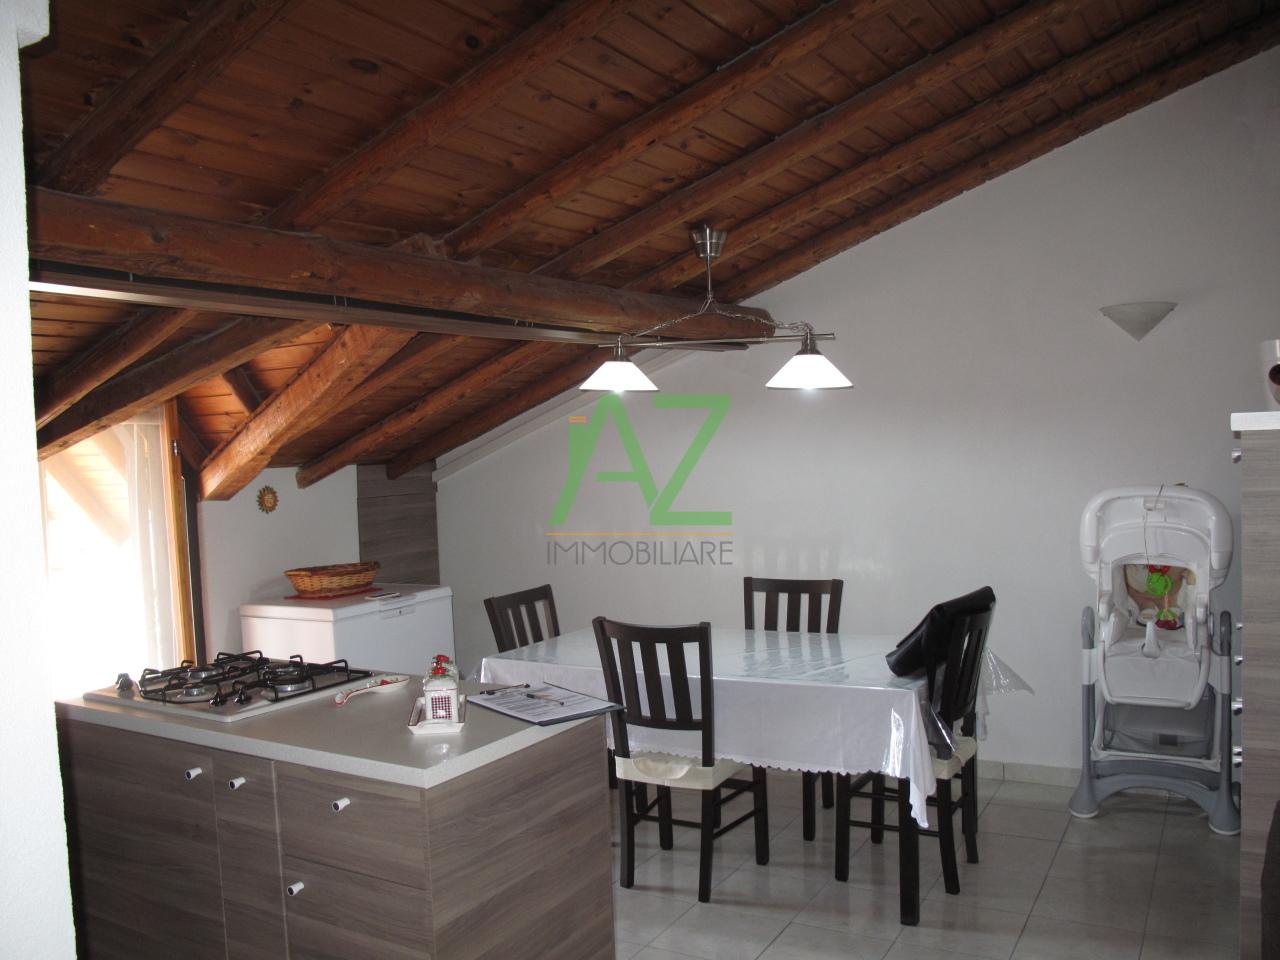 Attico / Mansarda in vendita a Motta Sant'Anastasia, 3 locali, prezzo € 79.000 | Cambio Casa.it